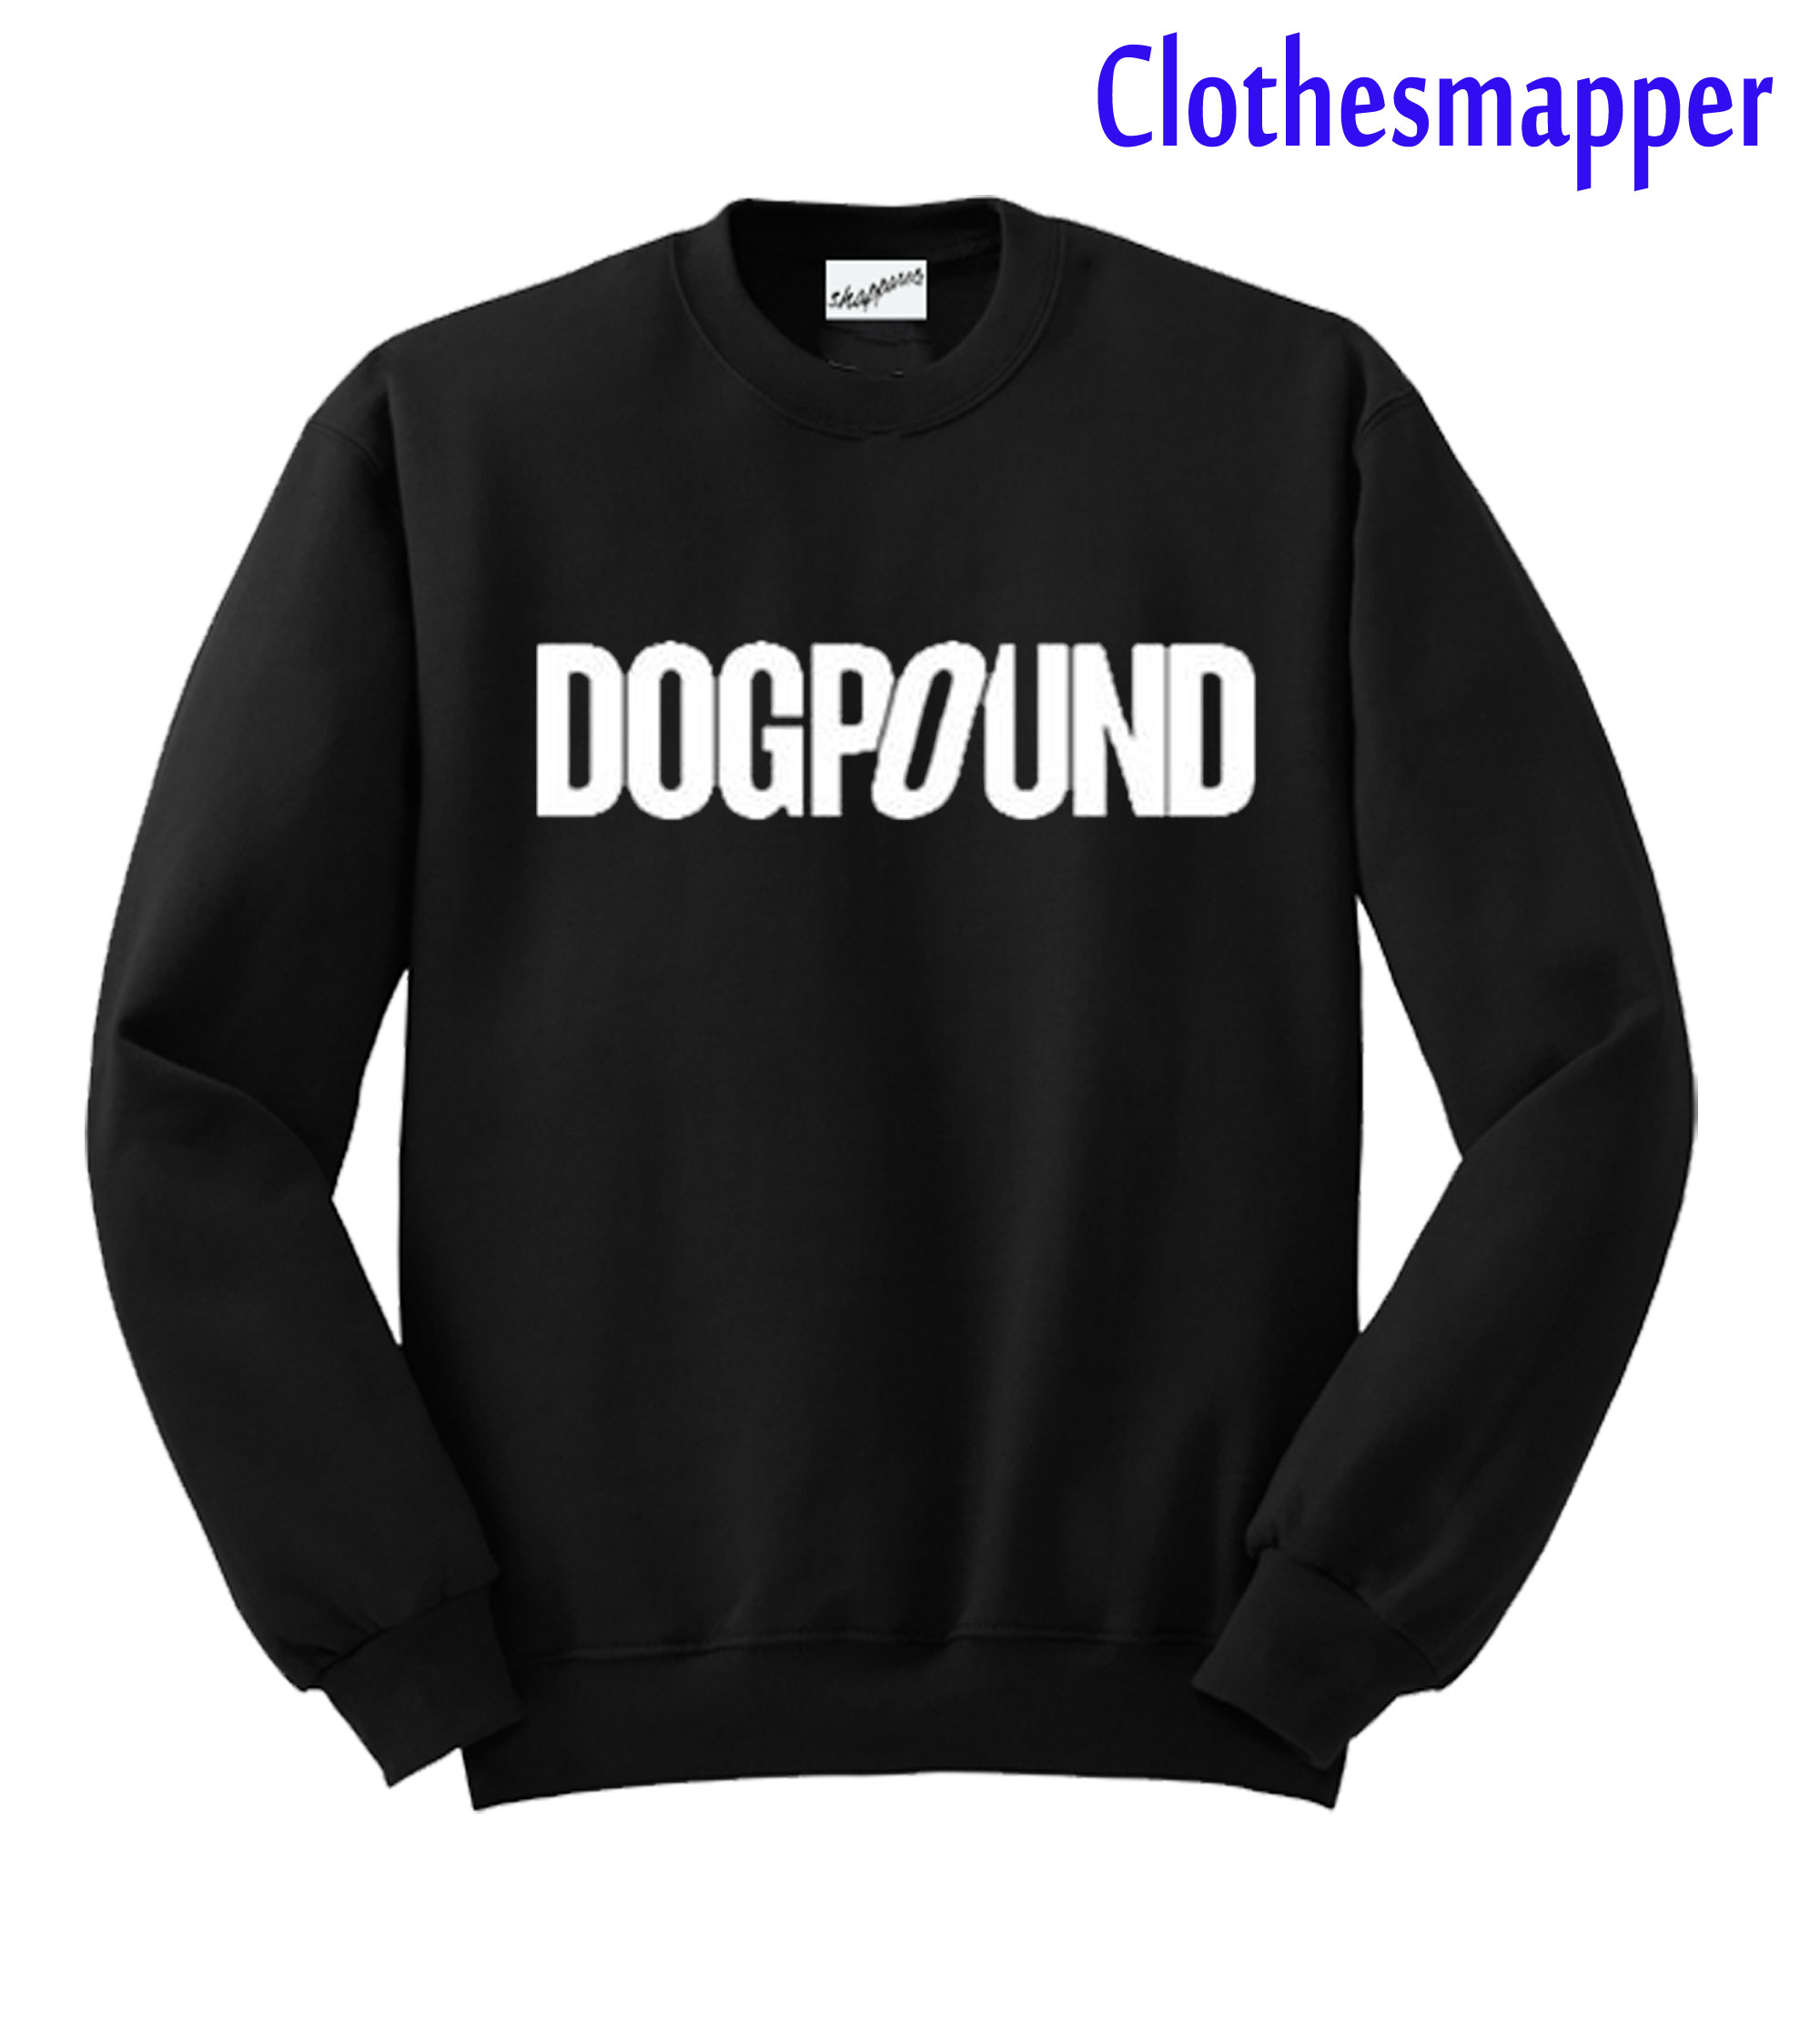 Dogpound Sweatshirt